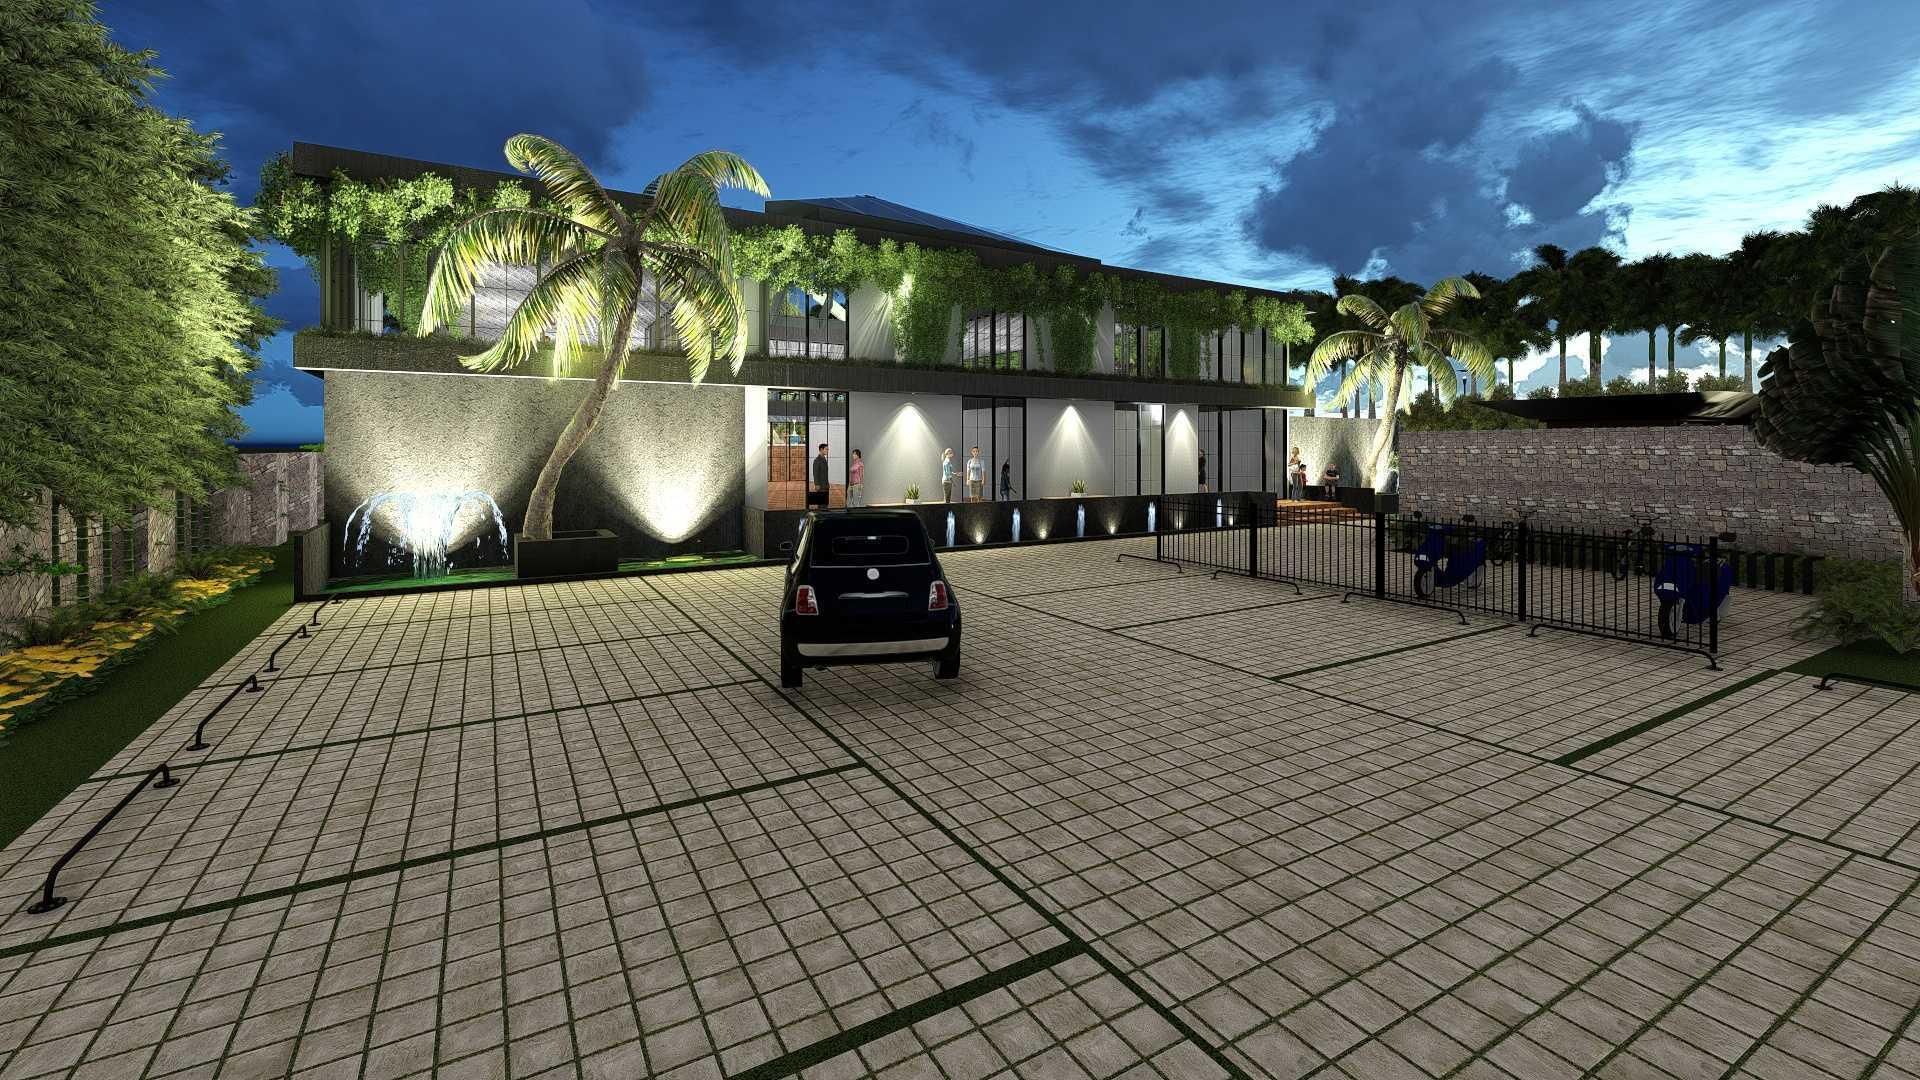 Samitrayasa Design Sport Club Limo Limo, Kota Depok, Jawa Barat, Indonesia Limo, Kota Depok, Jawa Barat, Indonesia 436 Modern  32712